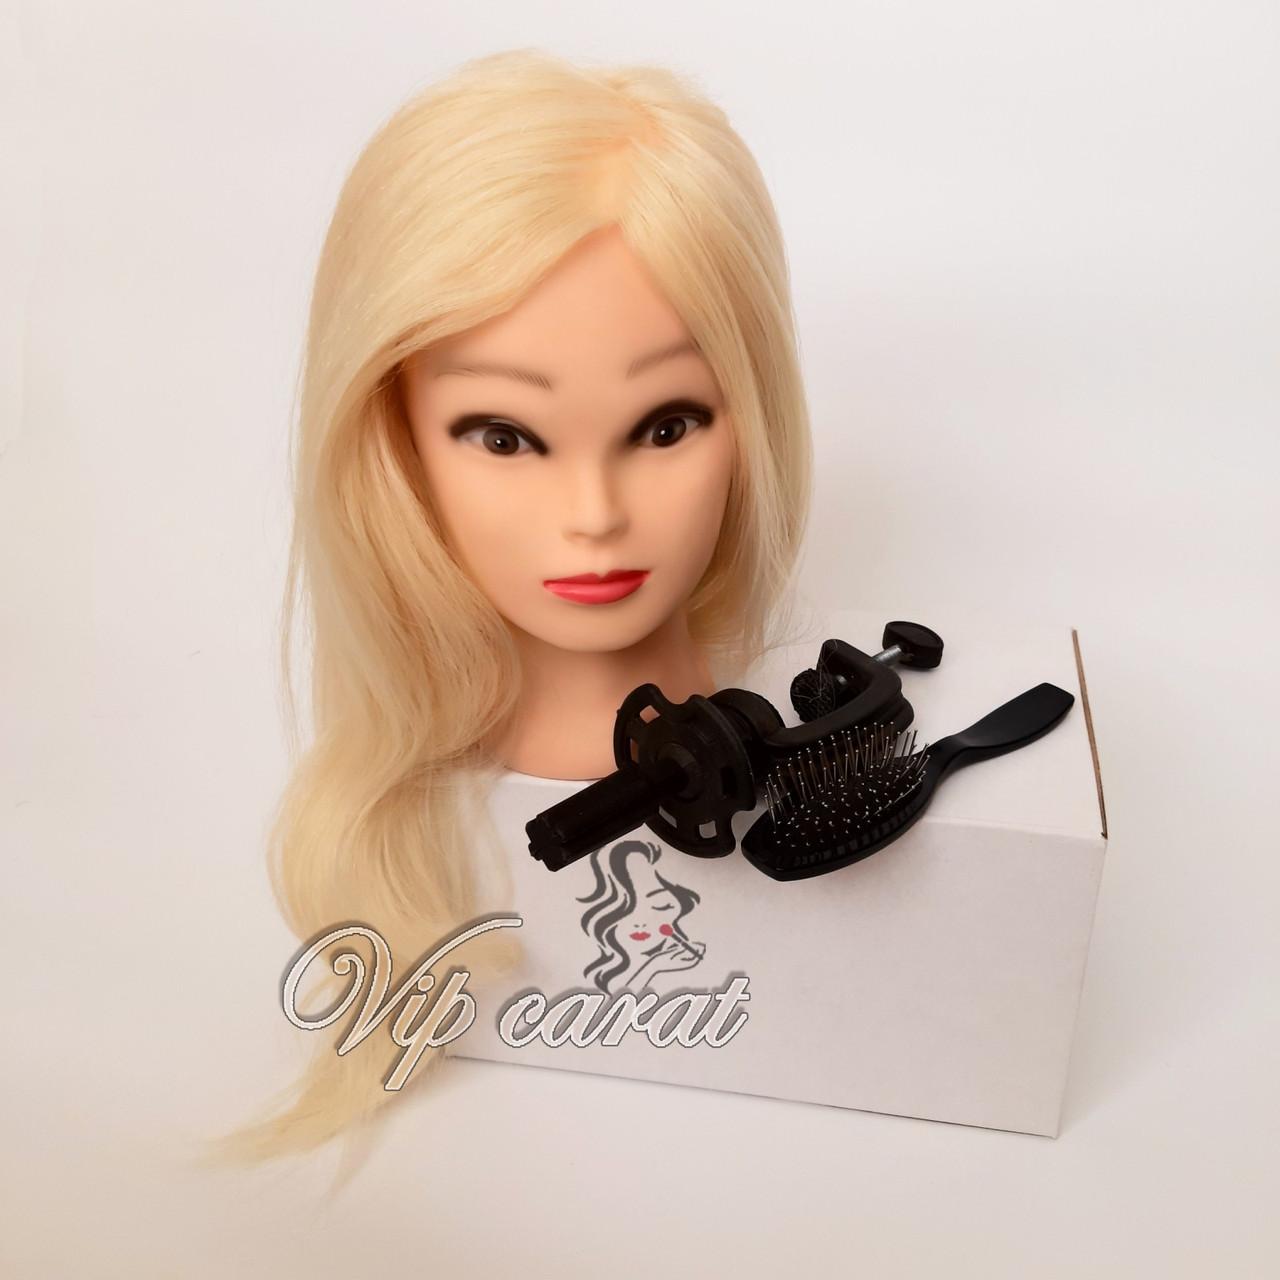 Учебная голова манекен кукла для причесок с натуральными волосами 70%, блондинка / болванка для парикмахера